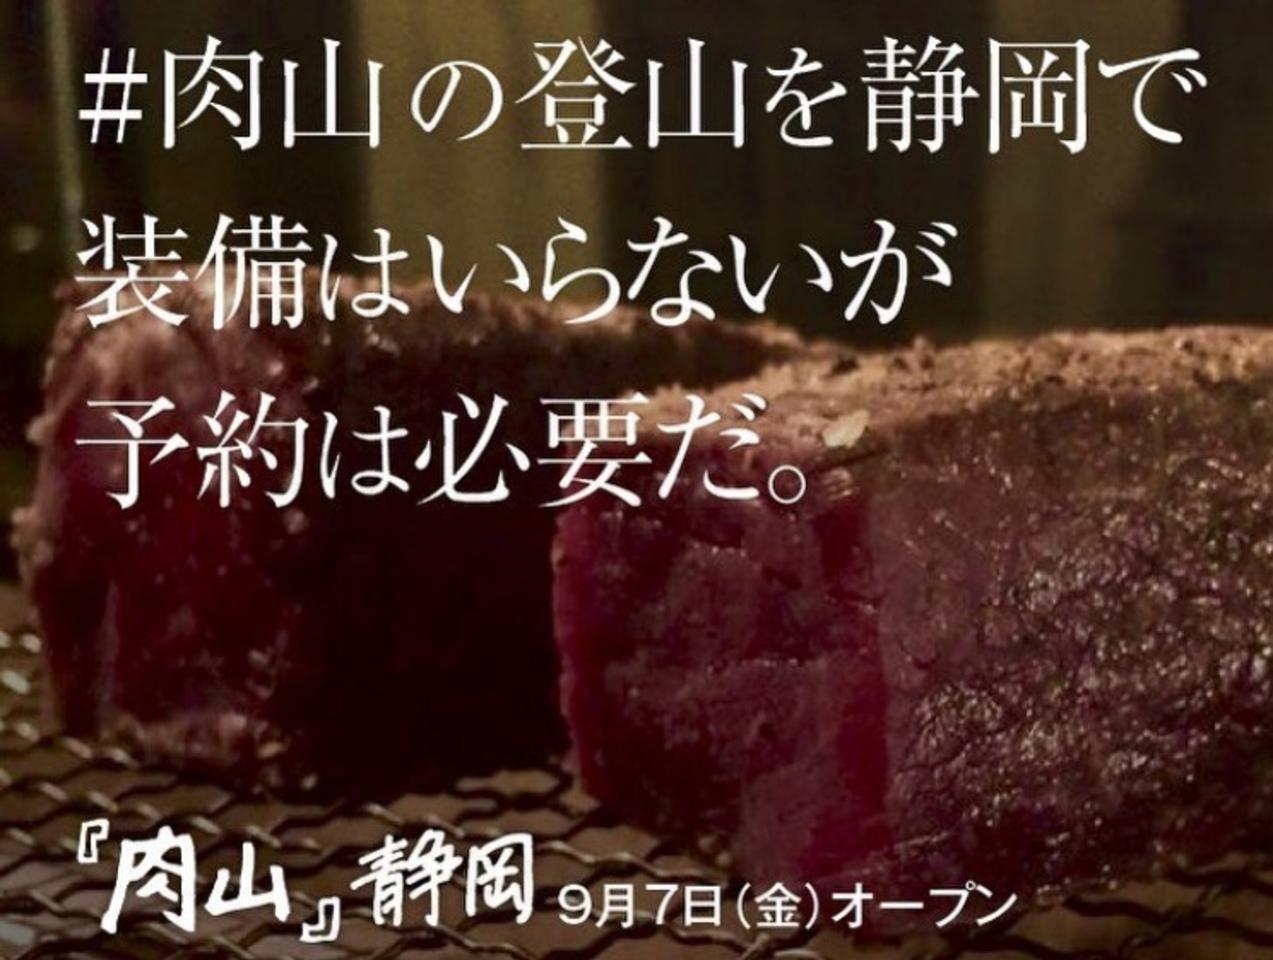 東京で予約半年待ち!新静岡駅近くに最高峰の赤身肉人気店「肉山 静岡」9月7日オープン!